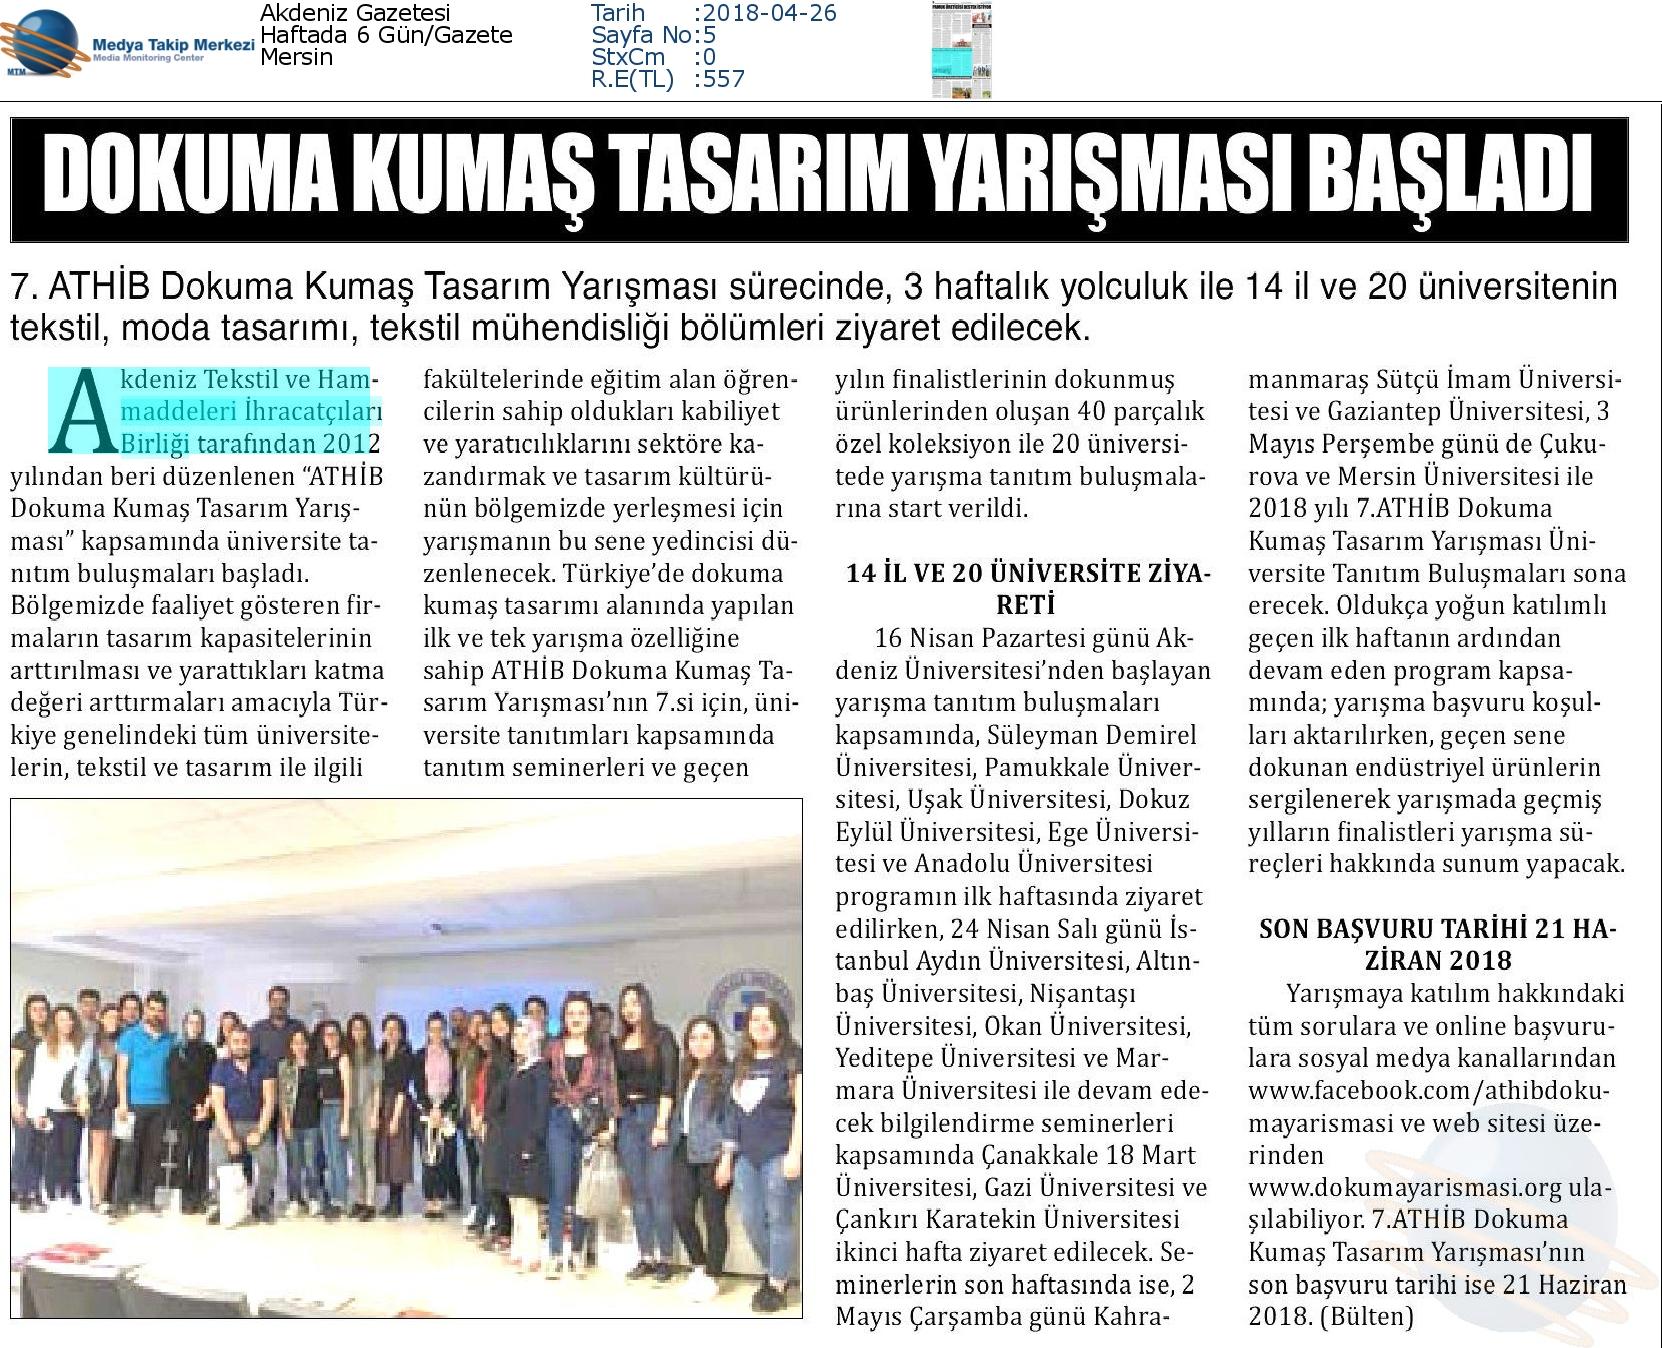 Akdeniz_Gazetesi-DOKUMA_KUMAŞ_TASARIM_YARIŞMASI_BAŞLADI-26.04.2018